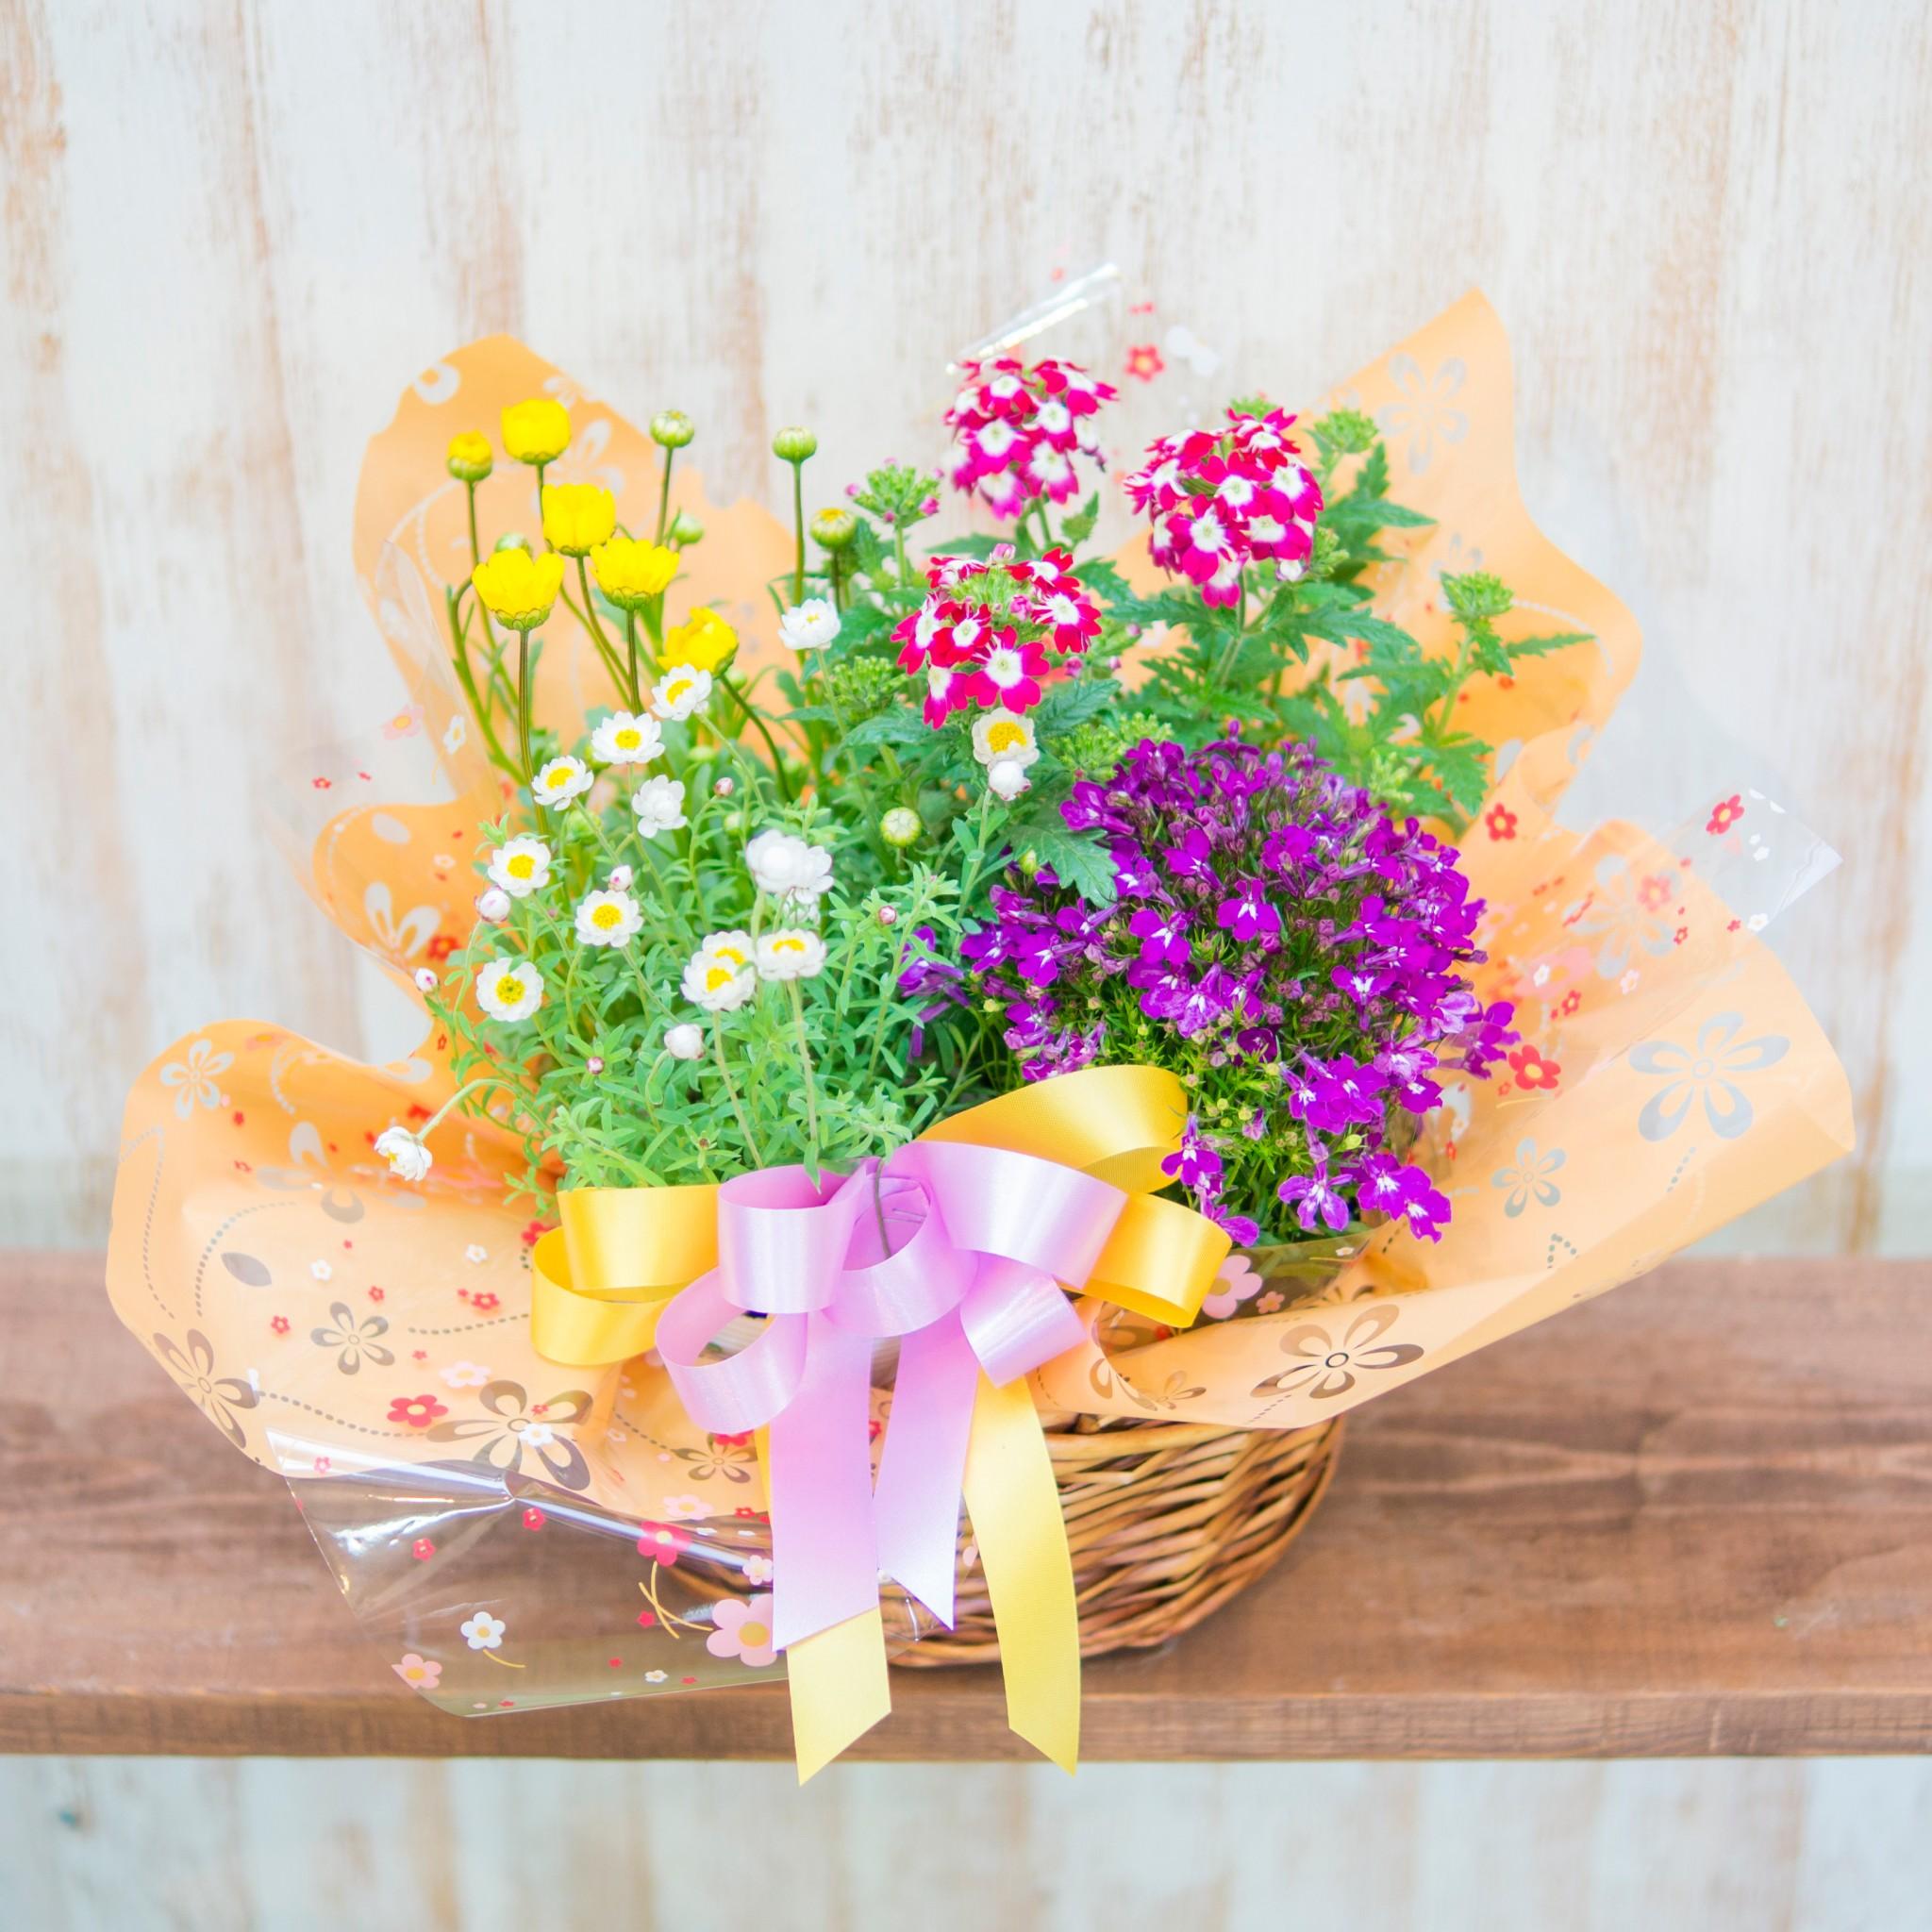 《母の日》季節の花のかご盛り (季節の花4つ)